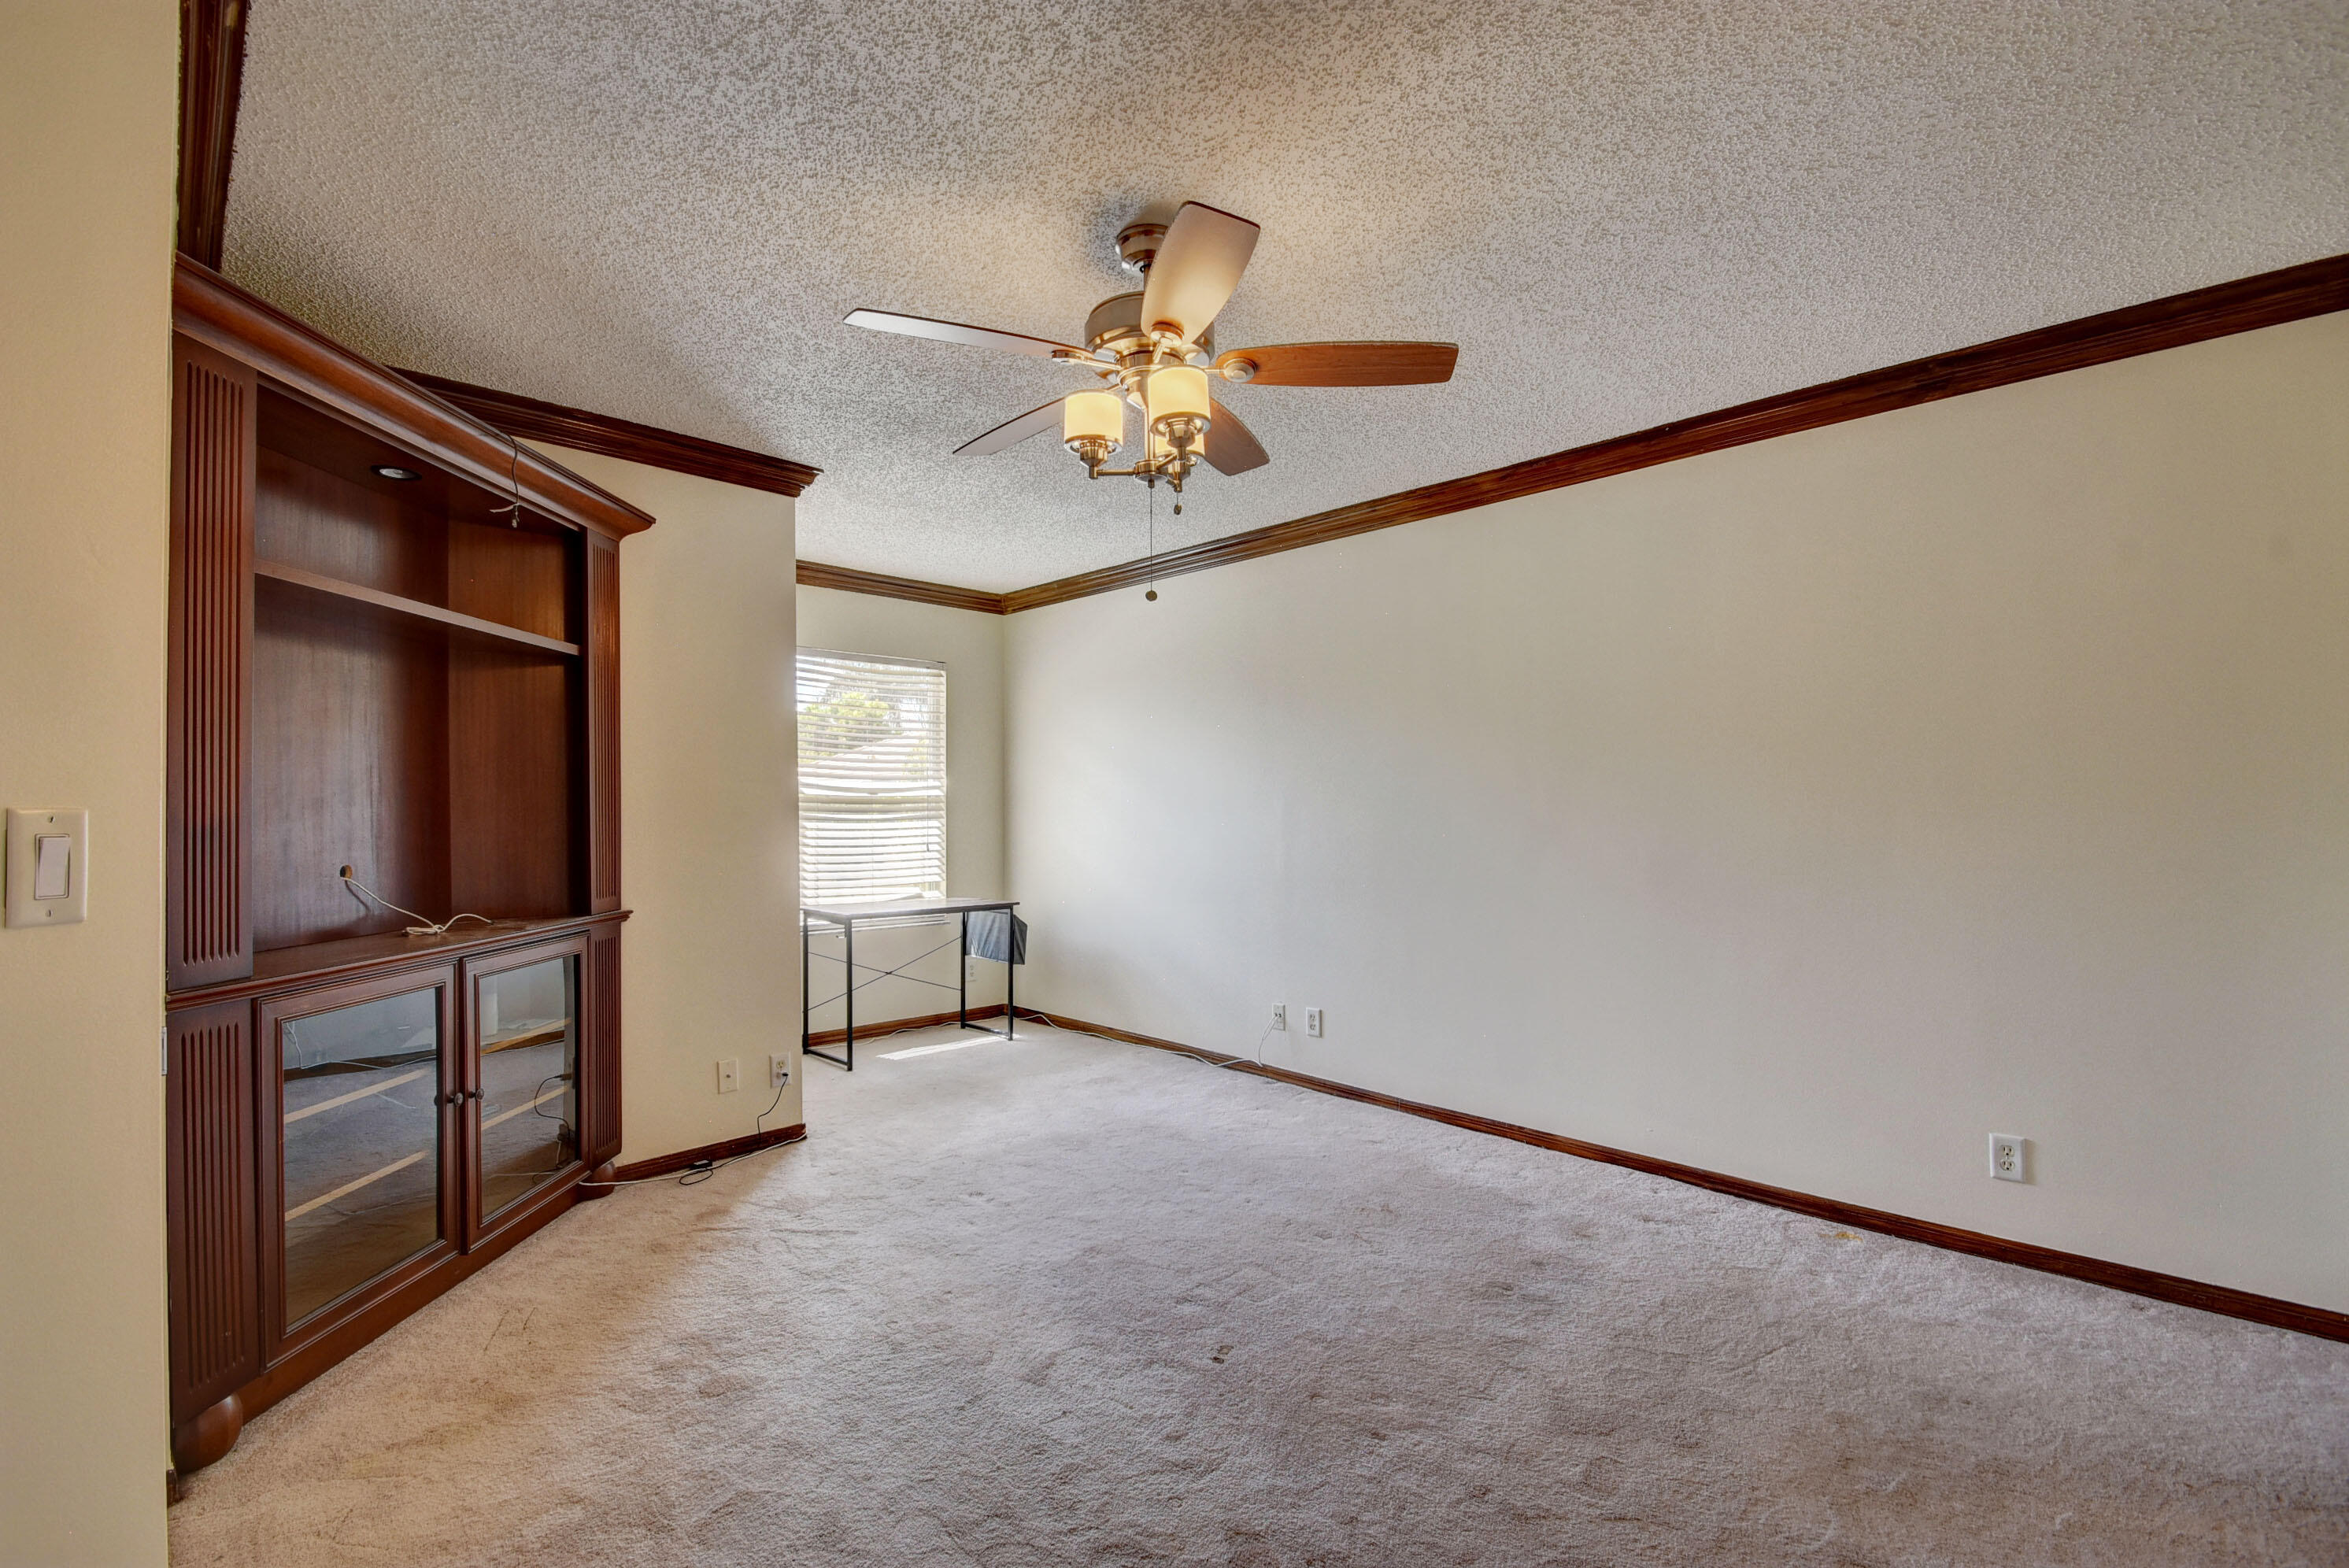 14_apartment (14)